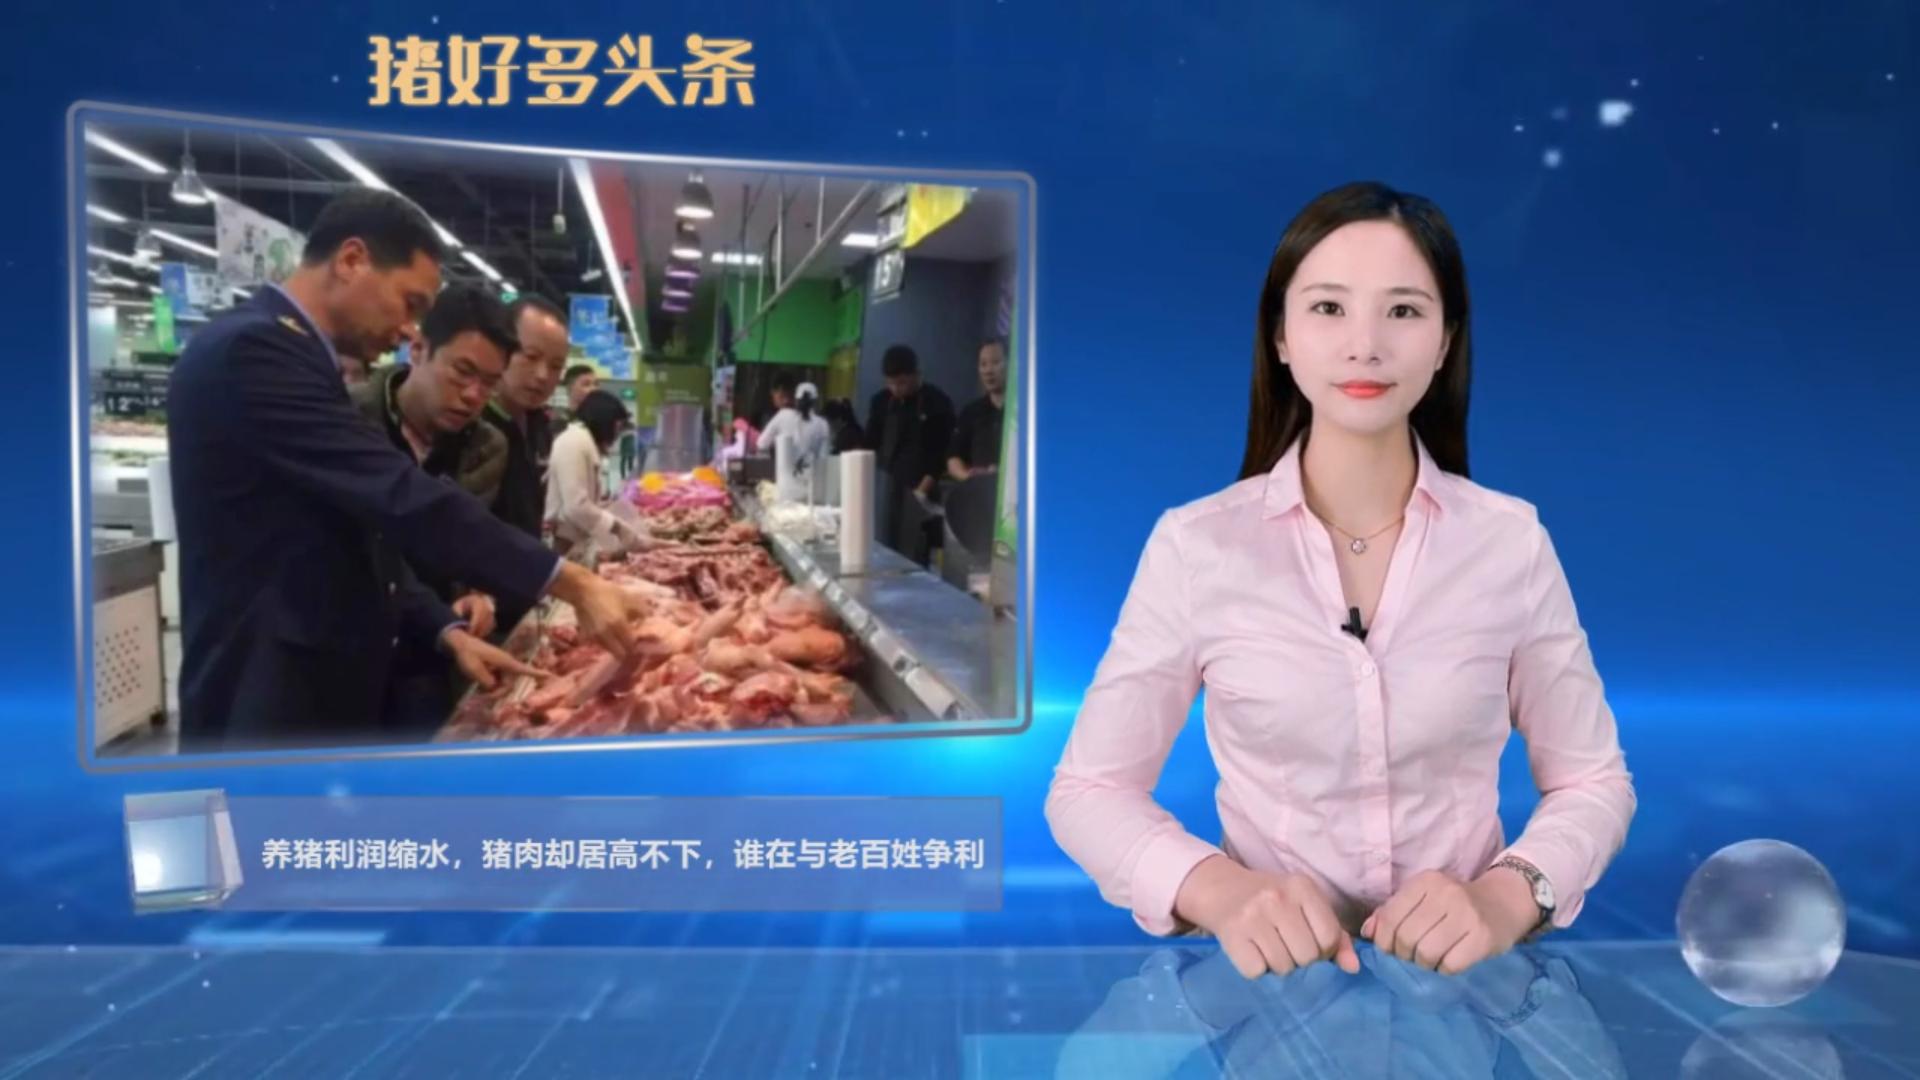 猪价跌、肉价依旧坚挺,这是什么操作?消费者躺着也中枪!